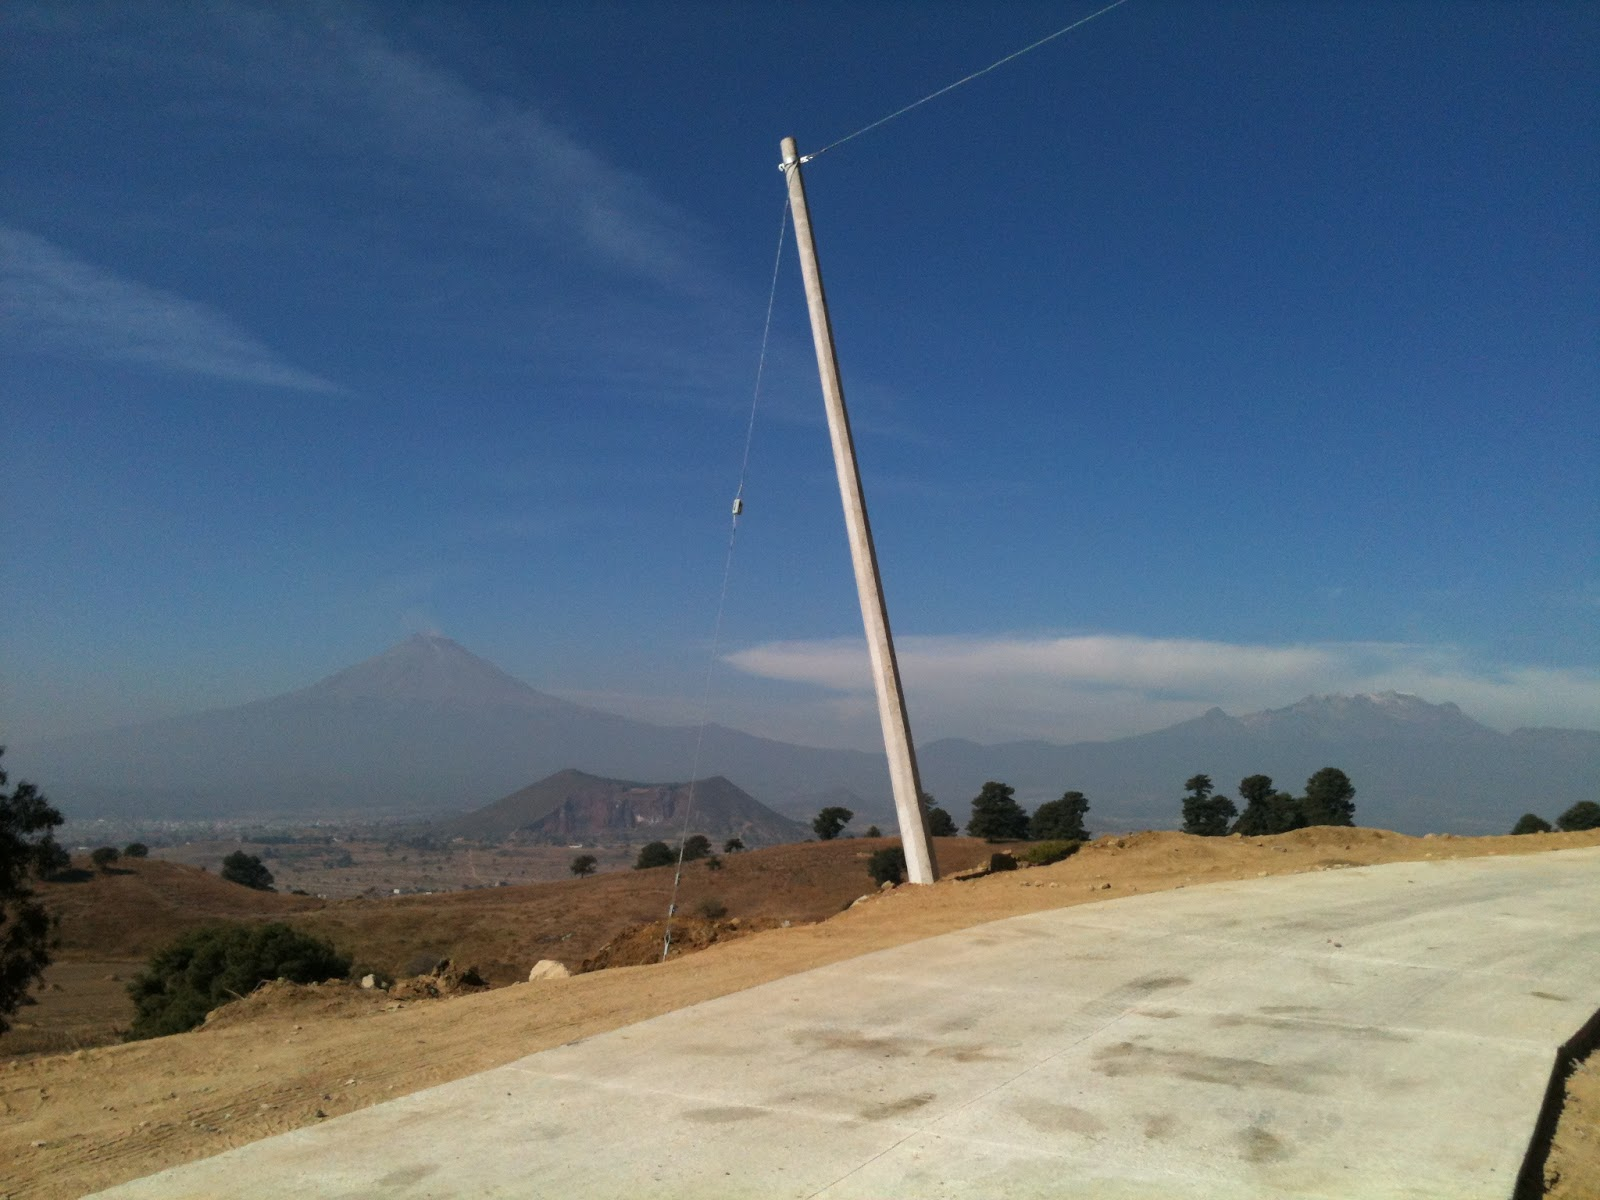 La hermosa vista de los volcanes con pavimento y postes chuecos